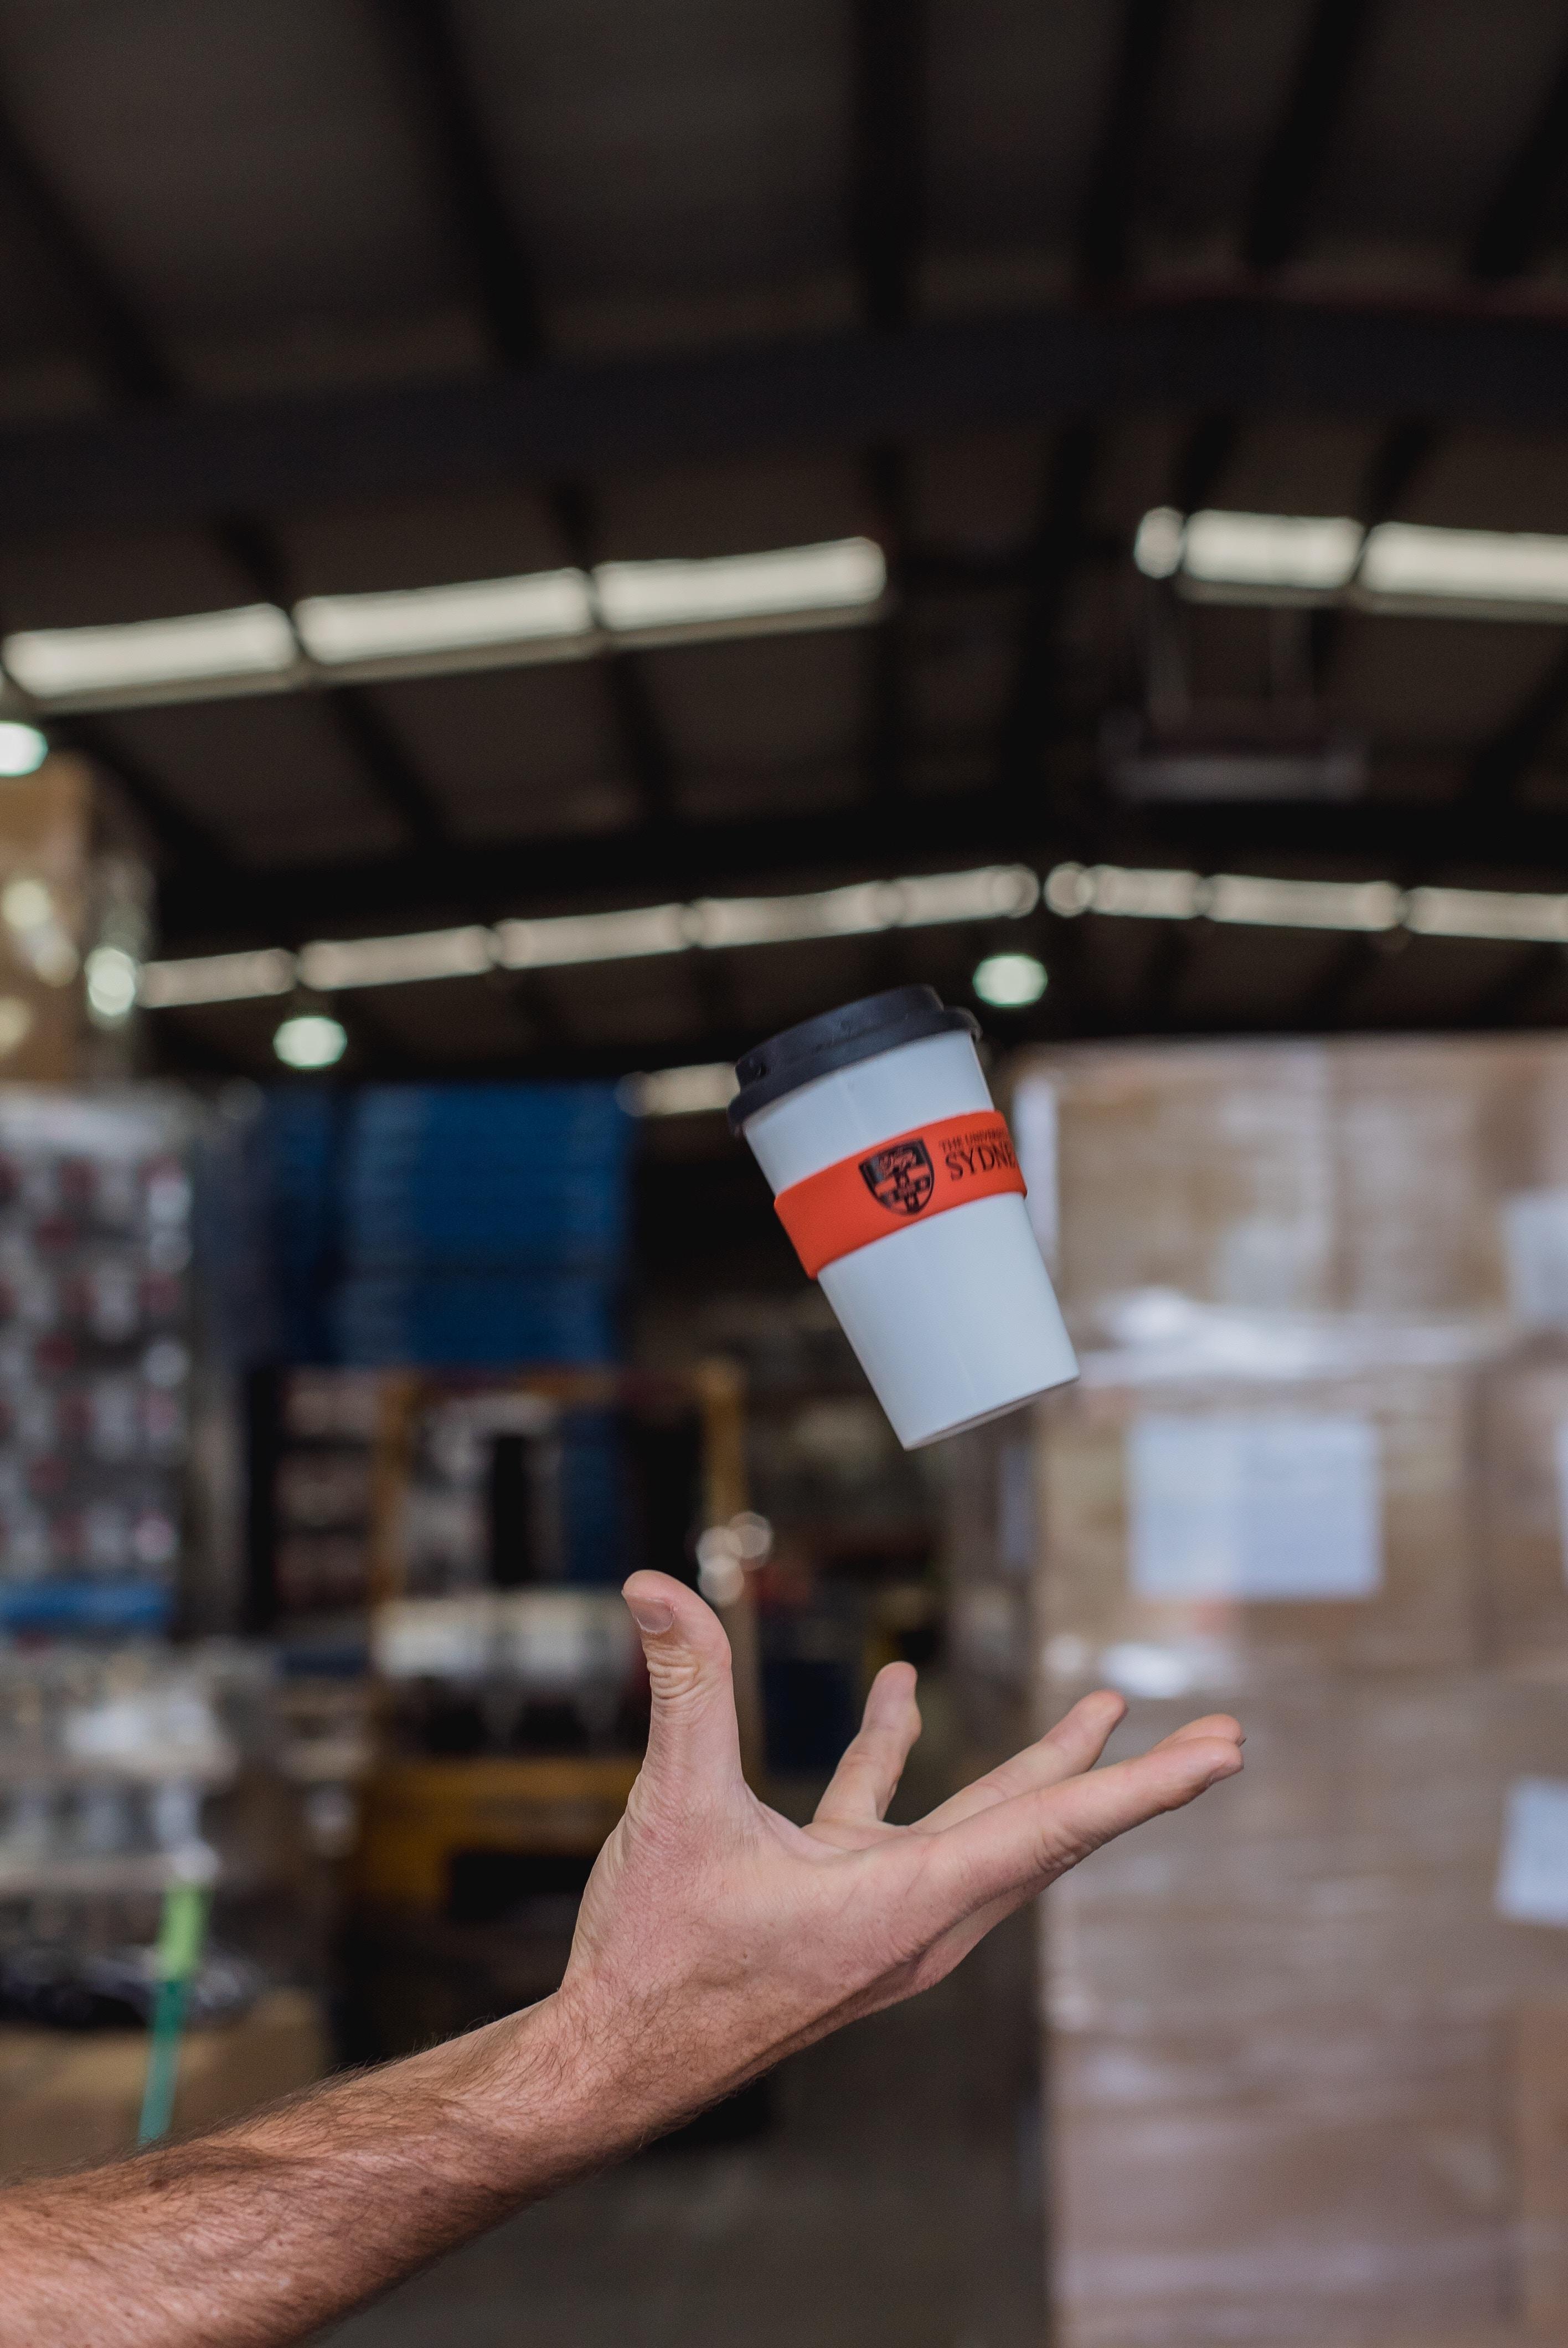 A reusable coffee-to-go-mug